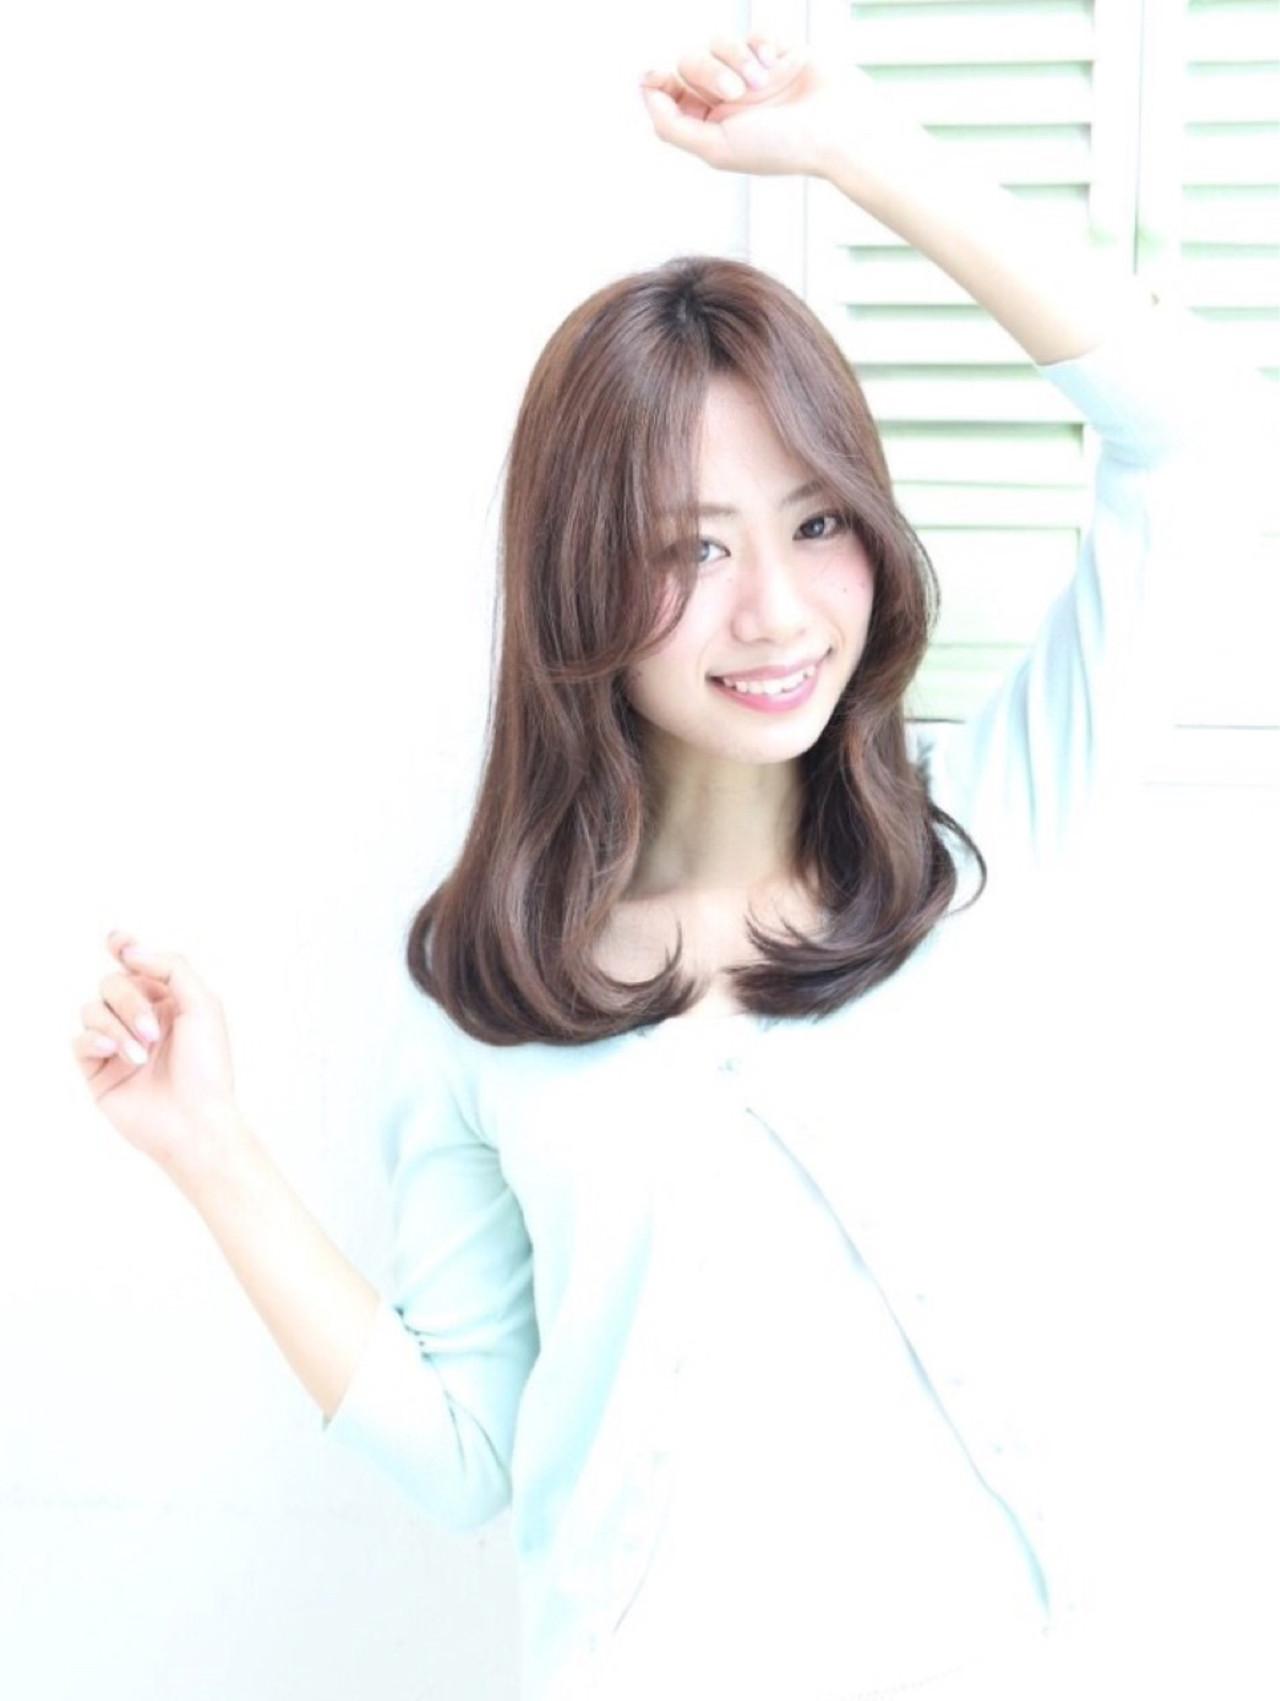 暗髪 ミディアム ストレート ナチュラル ヘアスタイルや髪型の写真・画像 | Mariko /